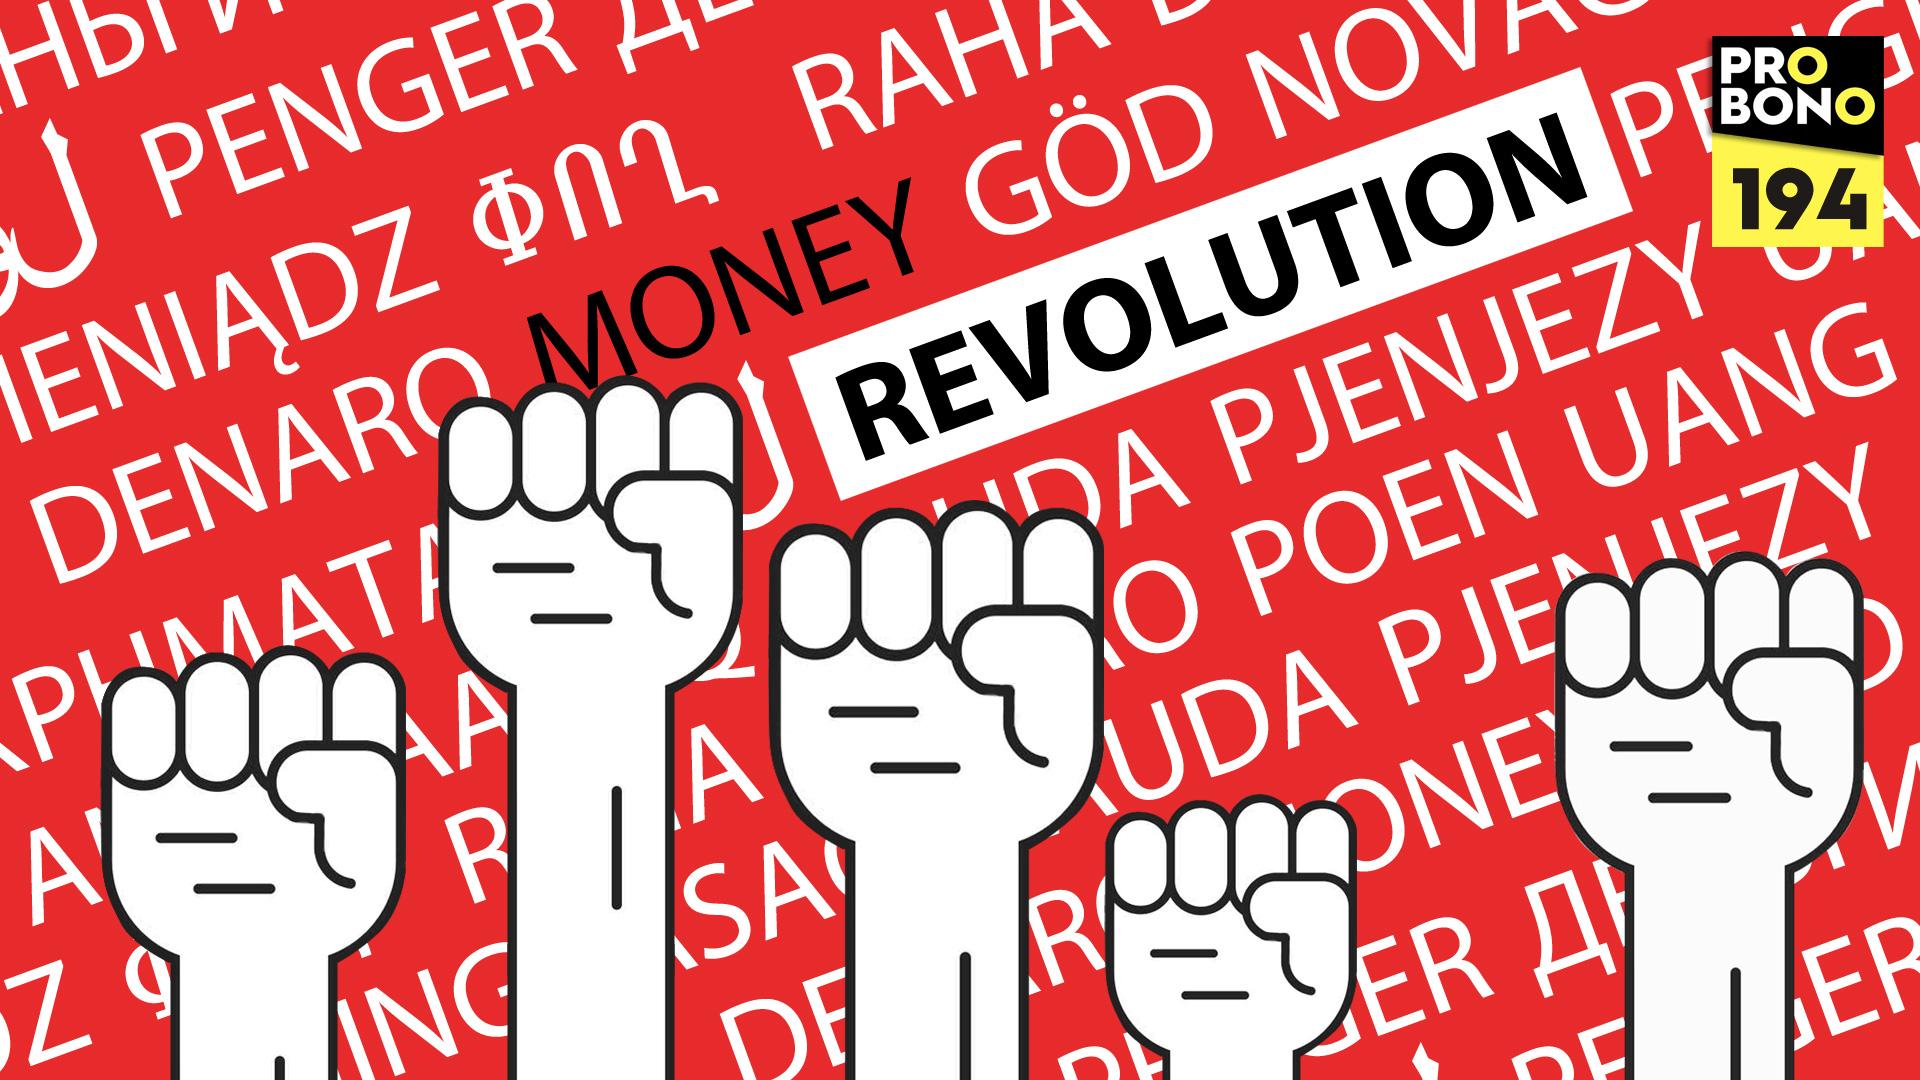 Vollgeld-Initiative: Kommt jetzt die Finanzrevolution? (probono Magazin)